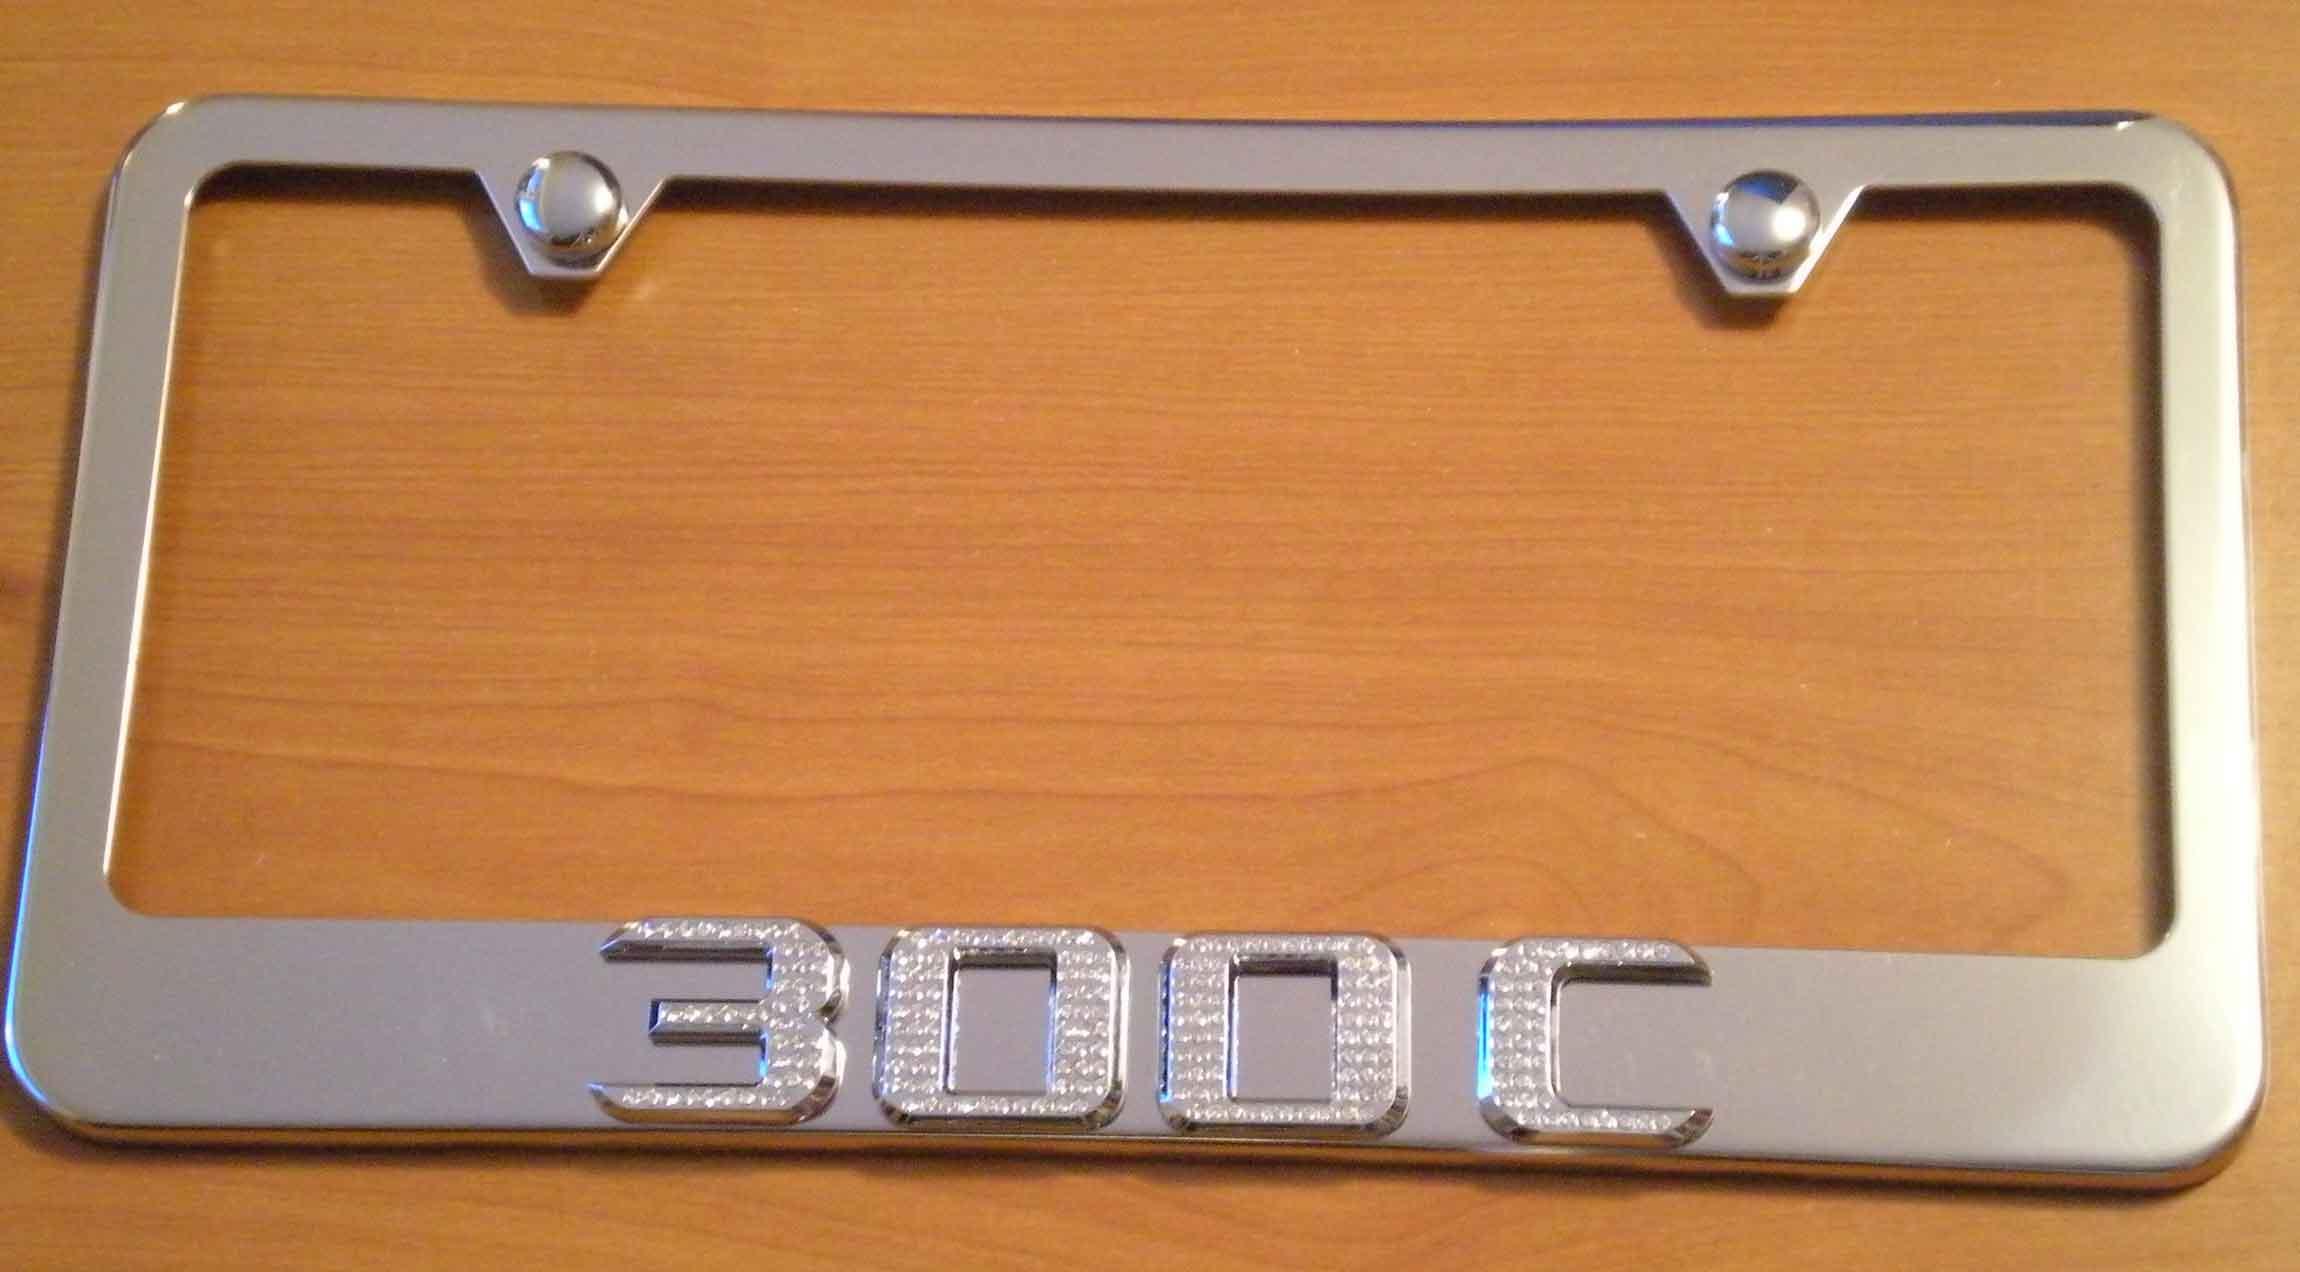 Chrysler 300C Chrome License Plate Frame w/ Iced Out Emz Swarovski ...